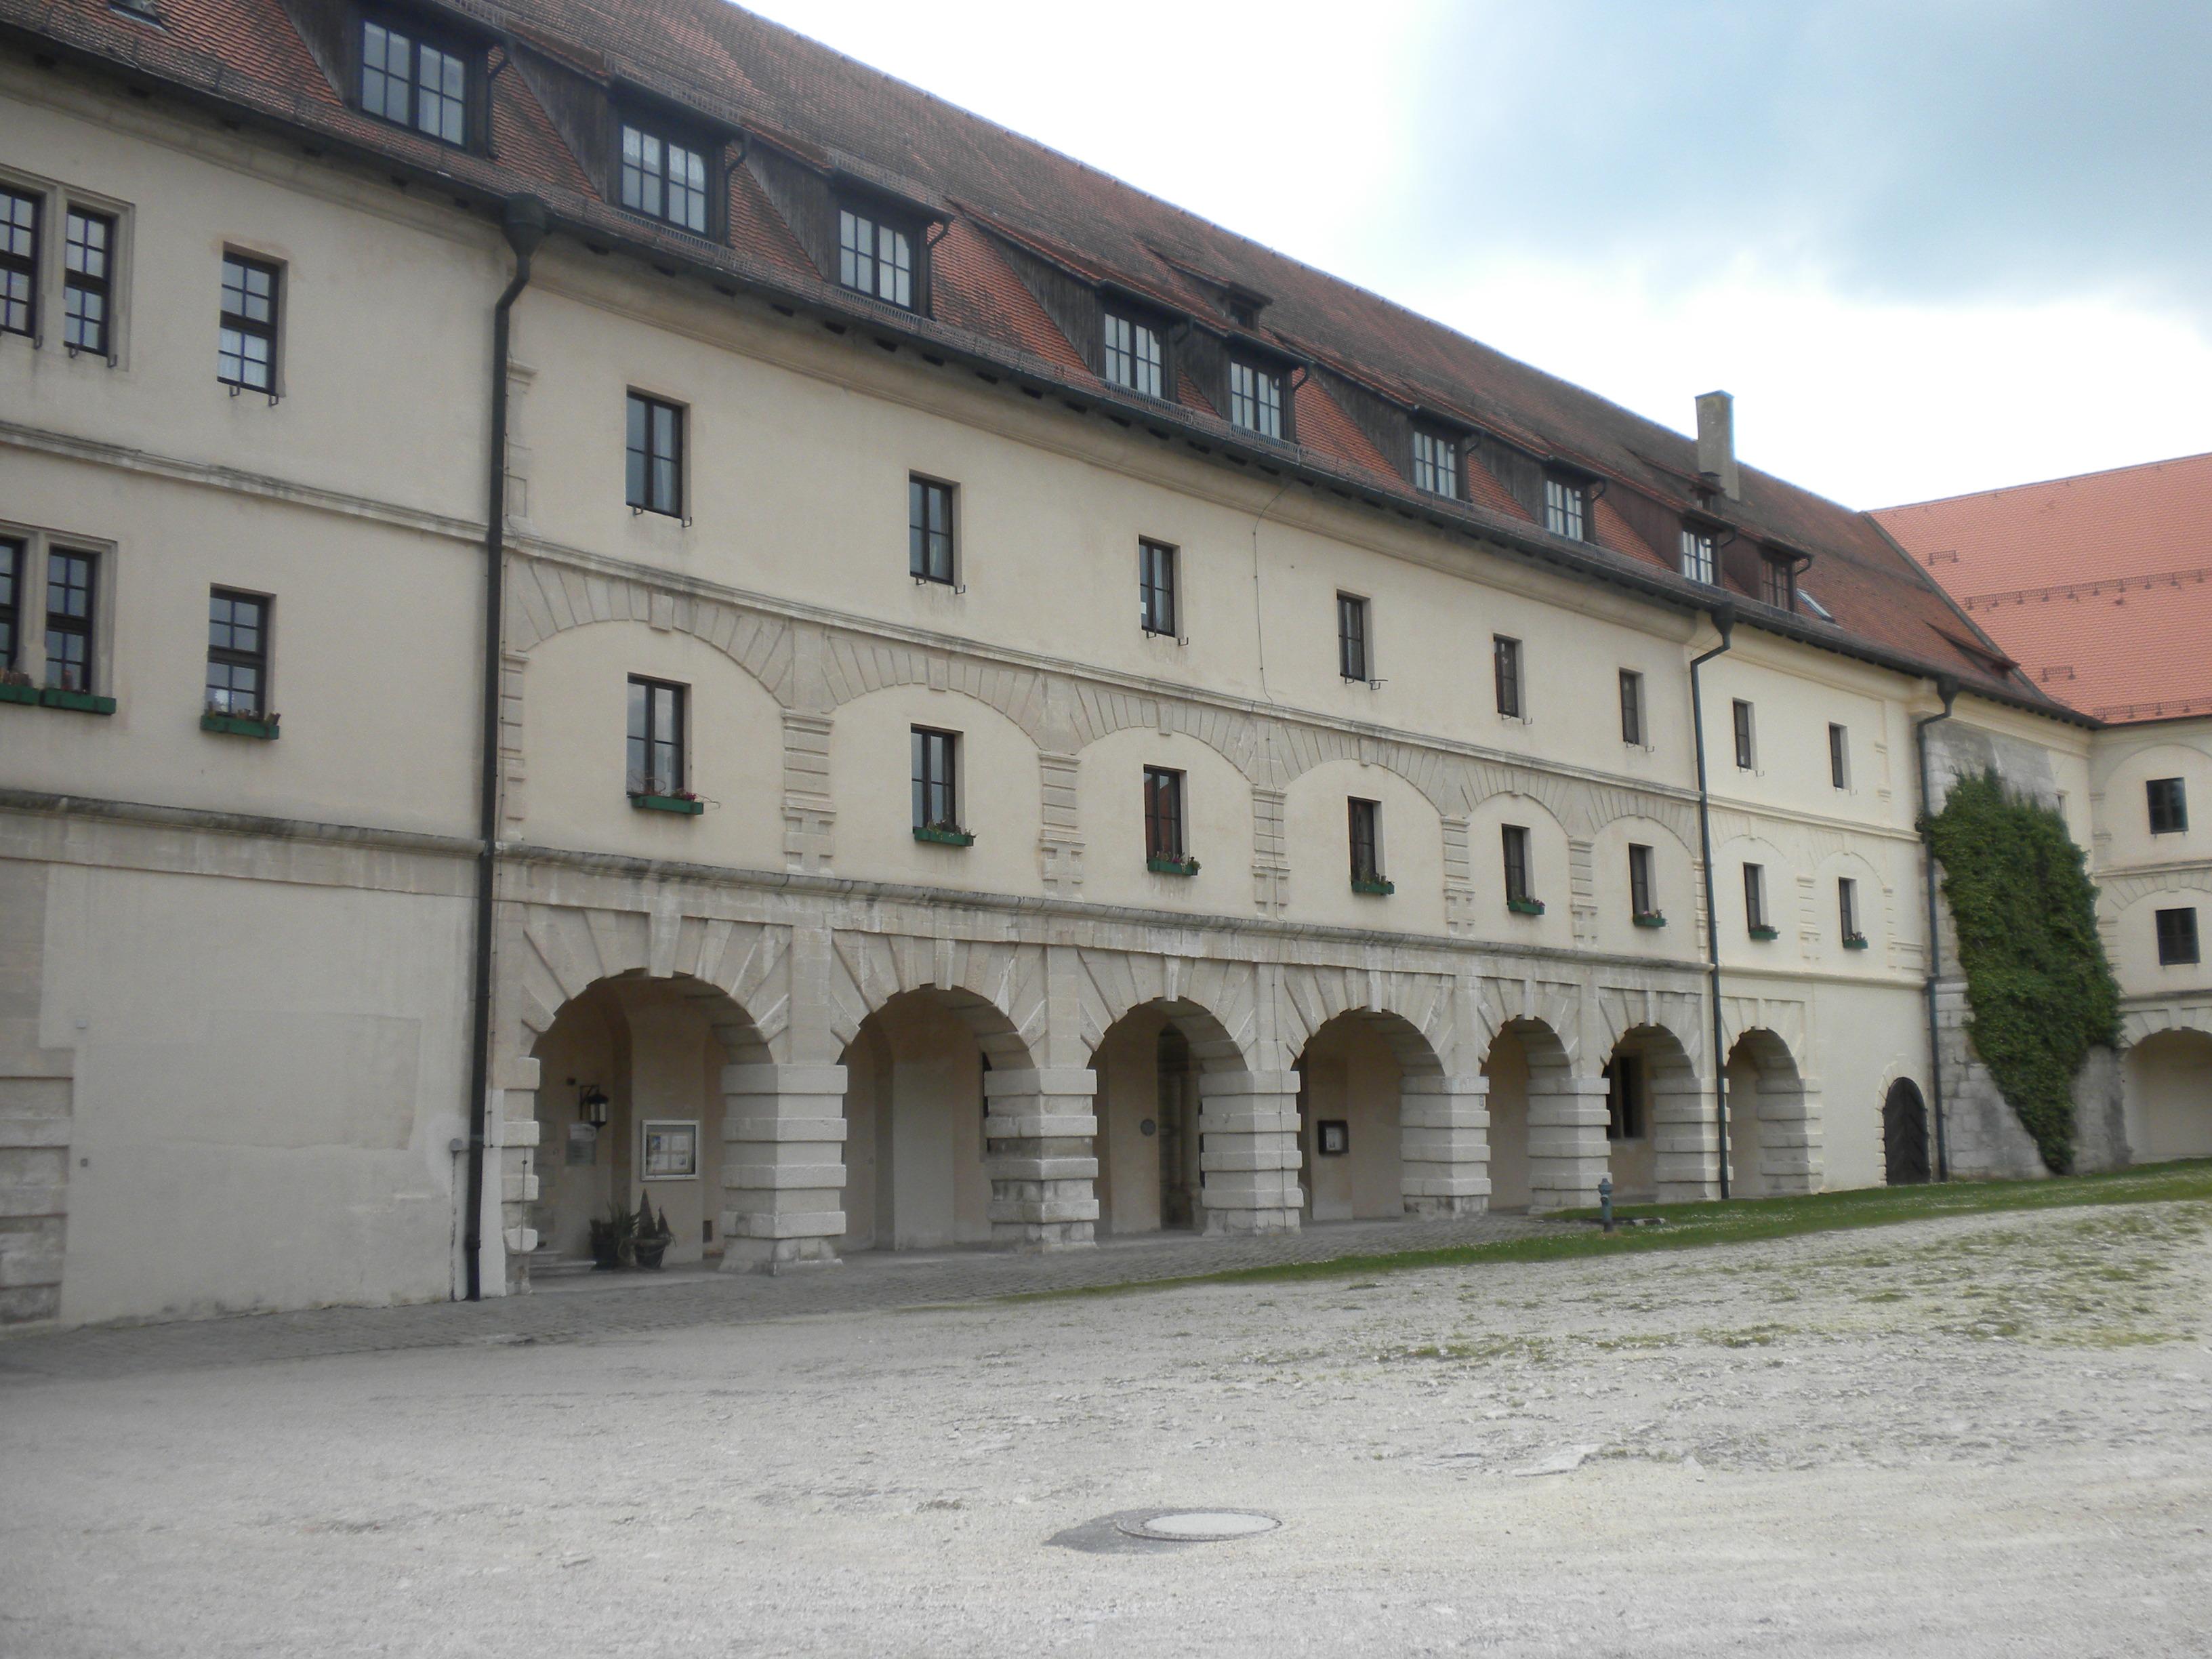 Wülzburg